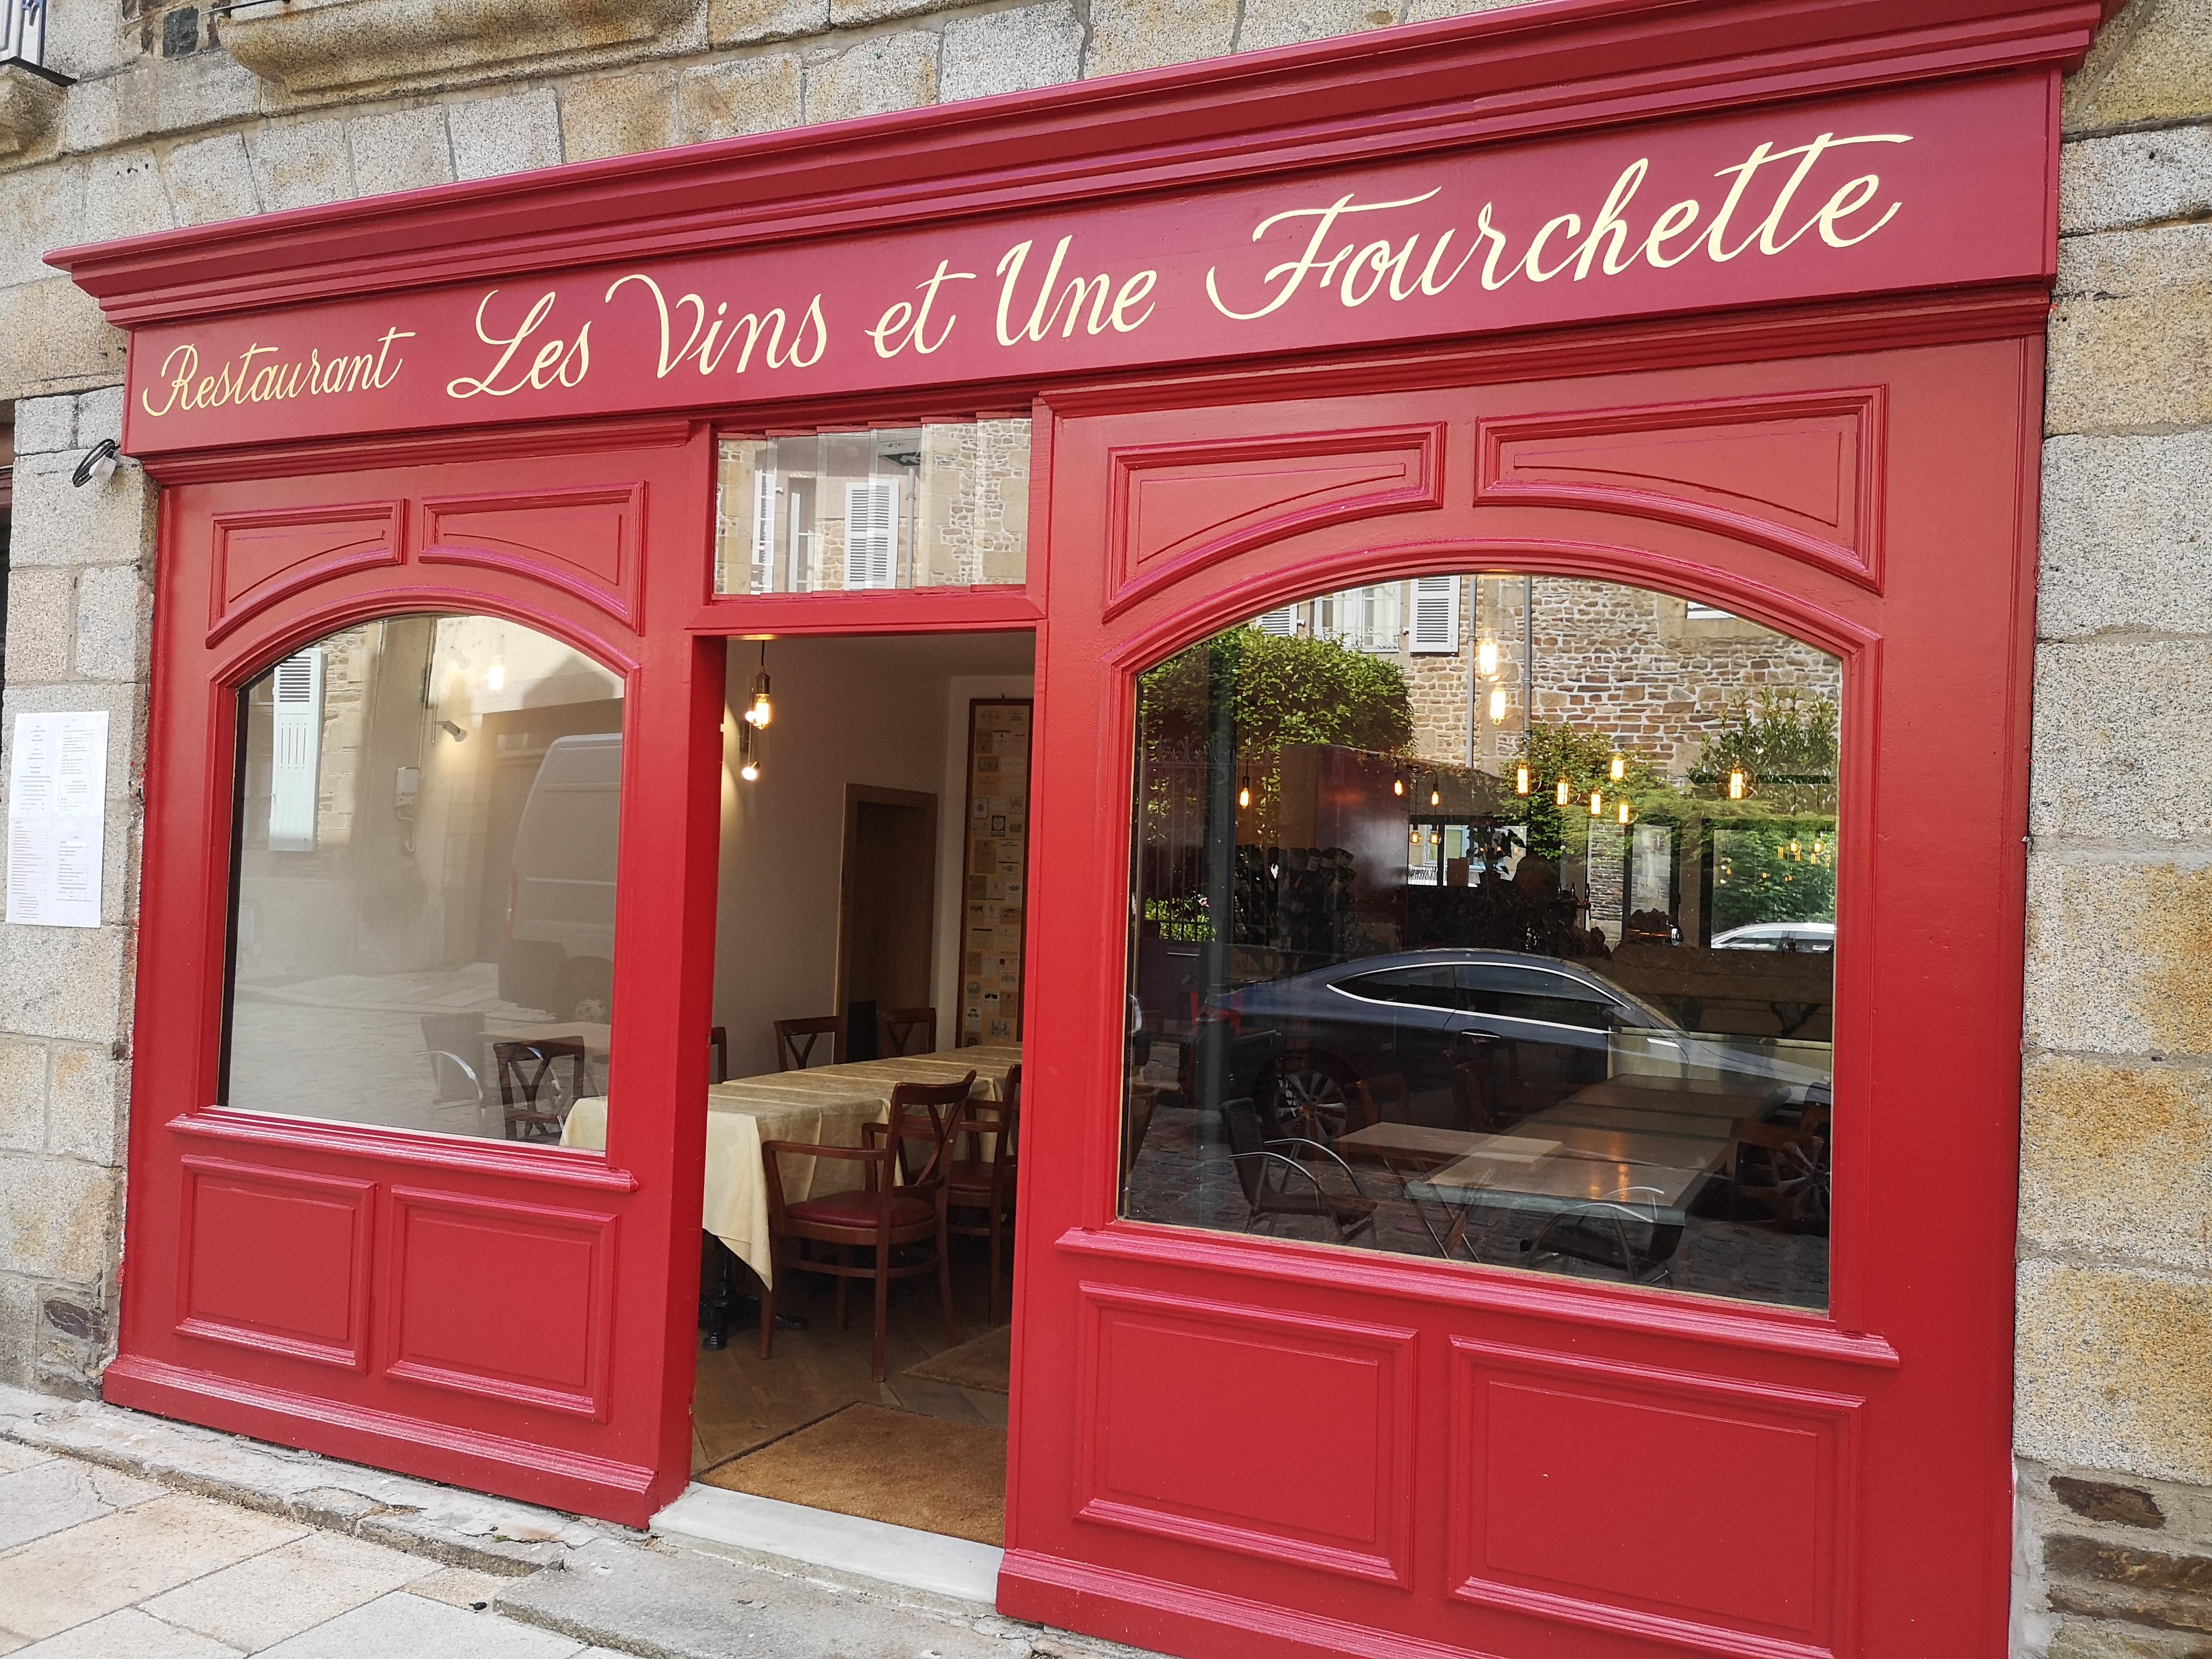 Passtime | Les vins et une fourchette à Fougères